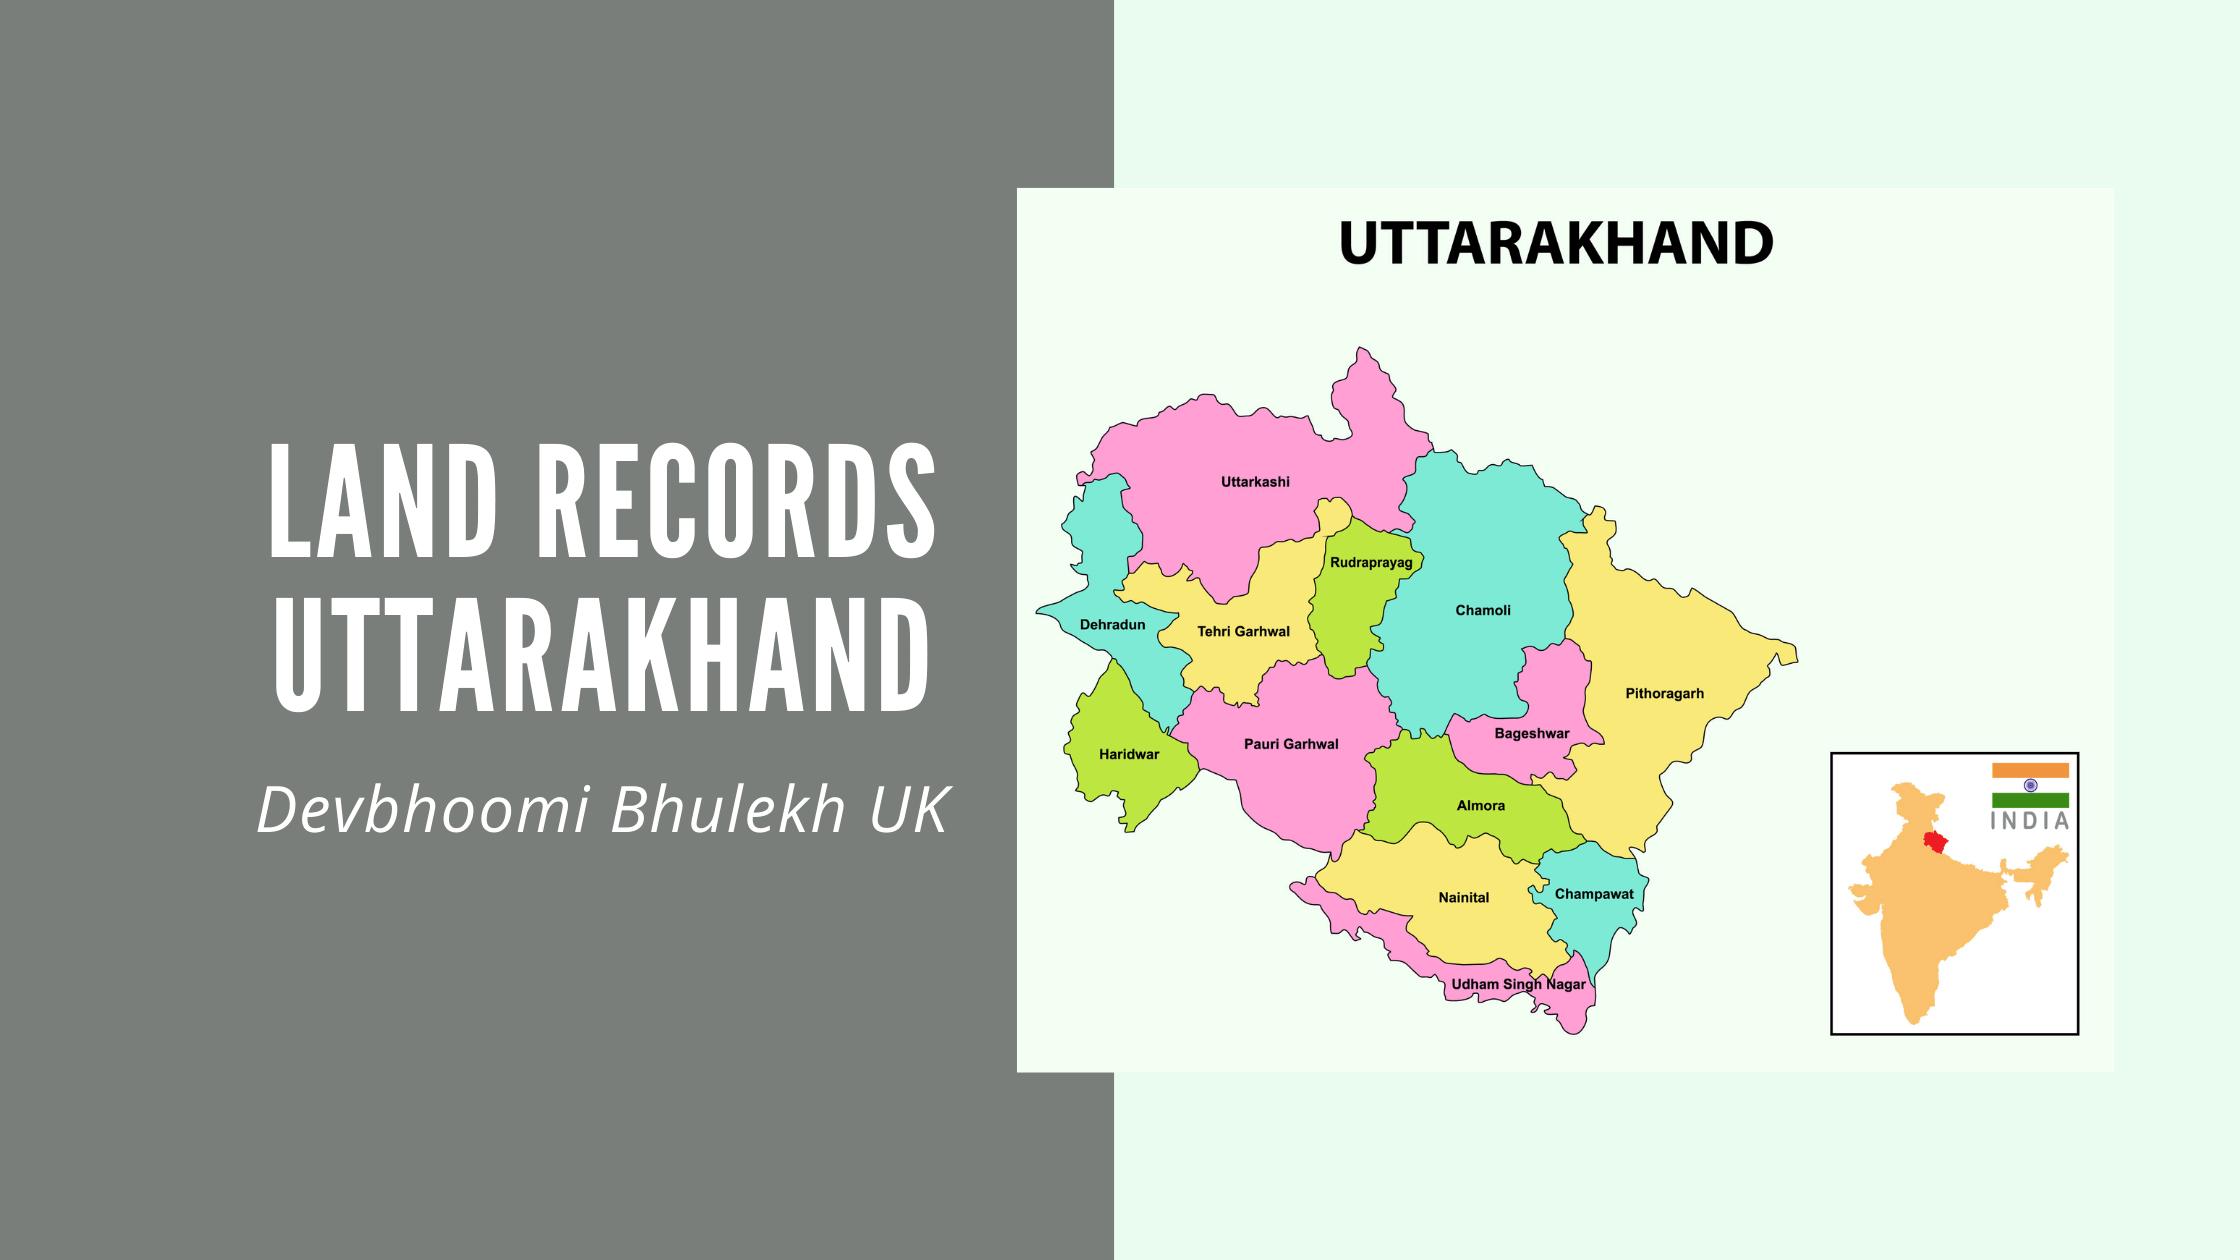 bhulekh-uk